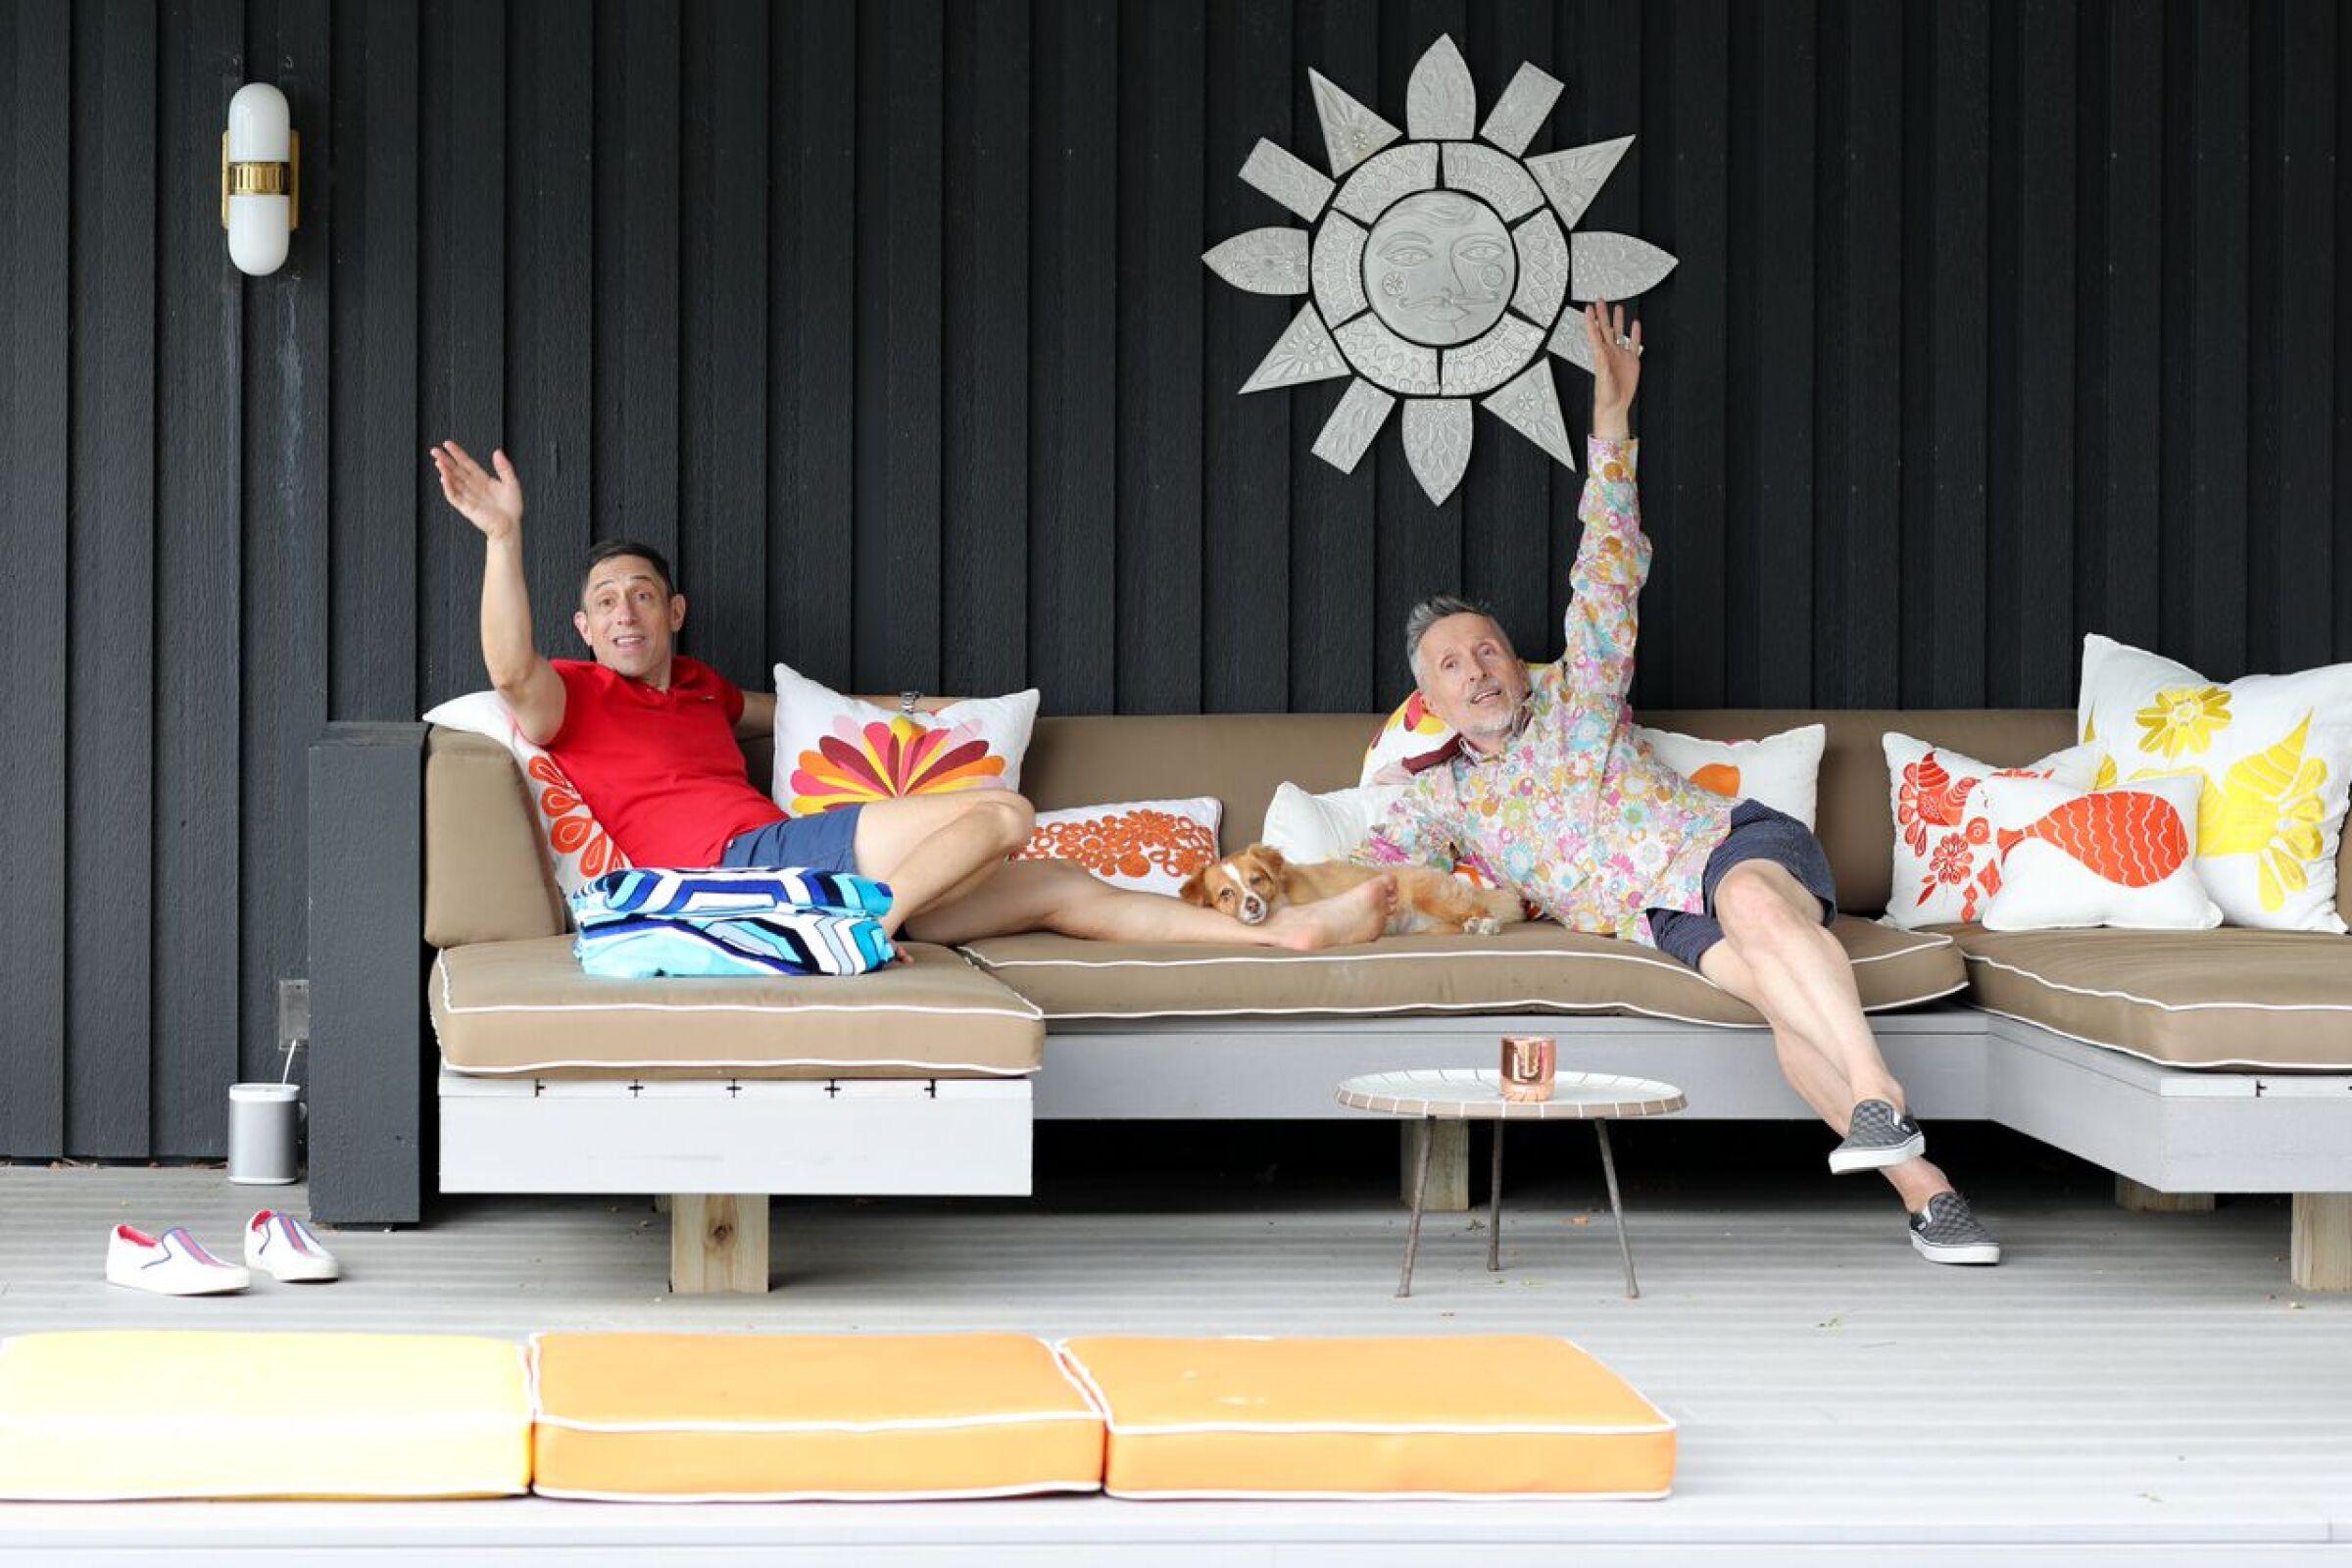 Designer Jonathan Adler and husband Simon Doonan at home in New York.